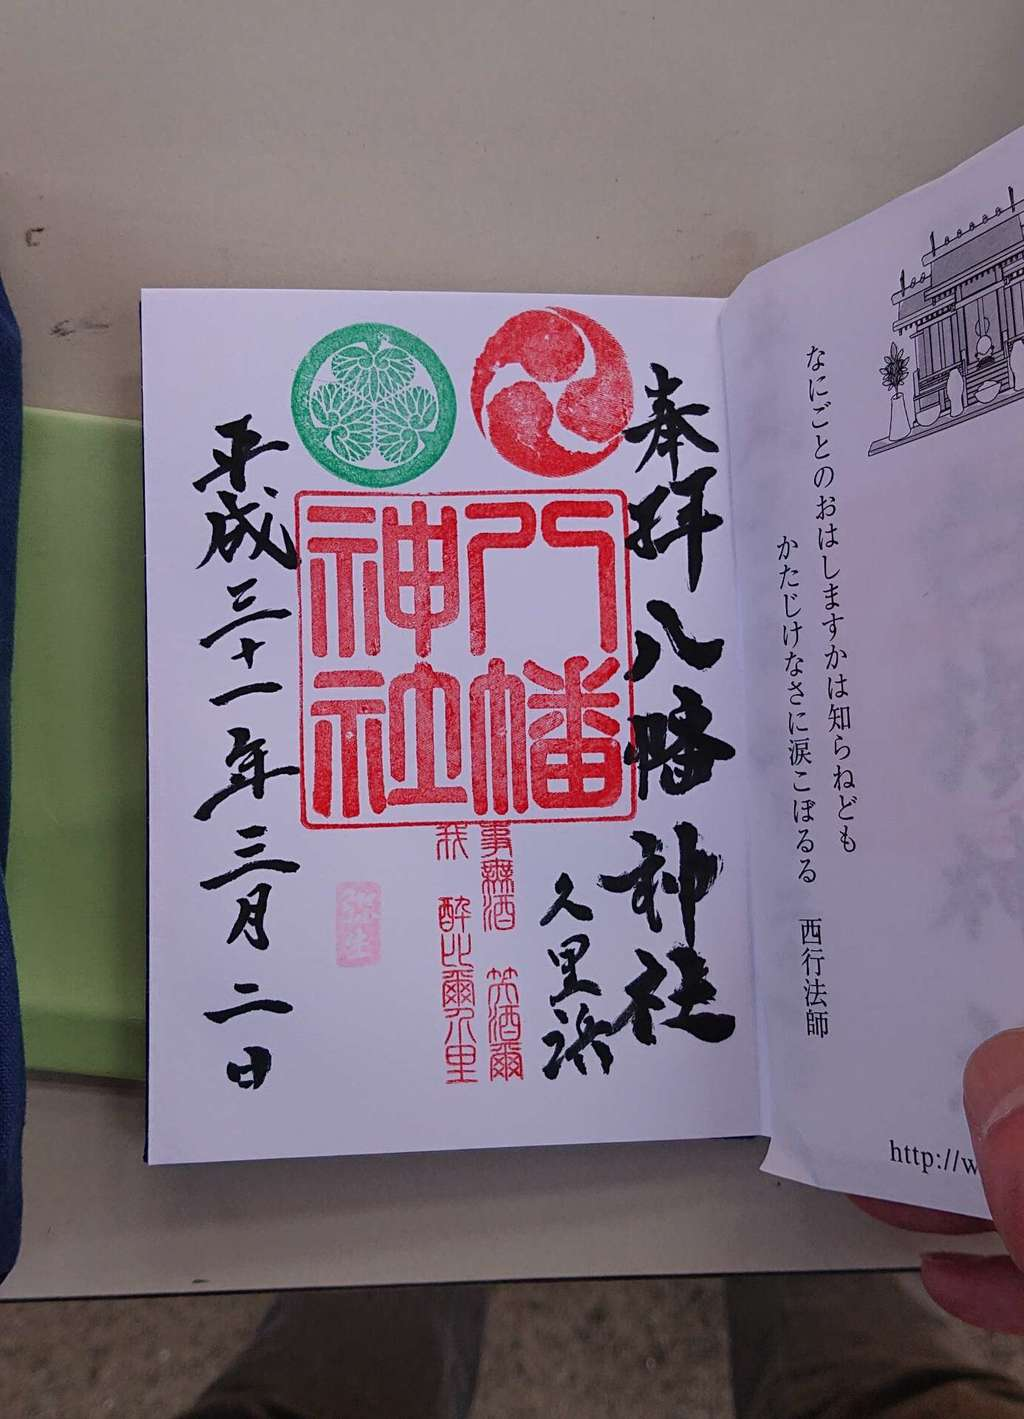 八幡神社の御朱印(神奈川県京急久里浜駅)